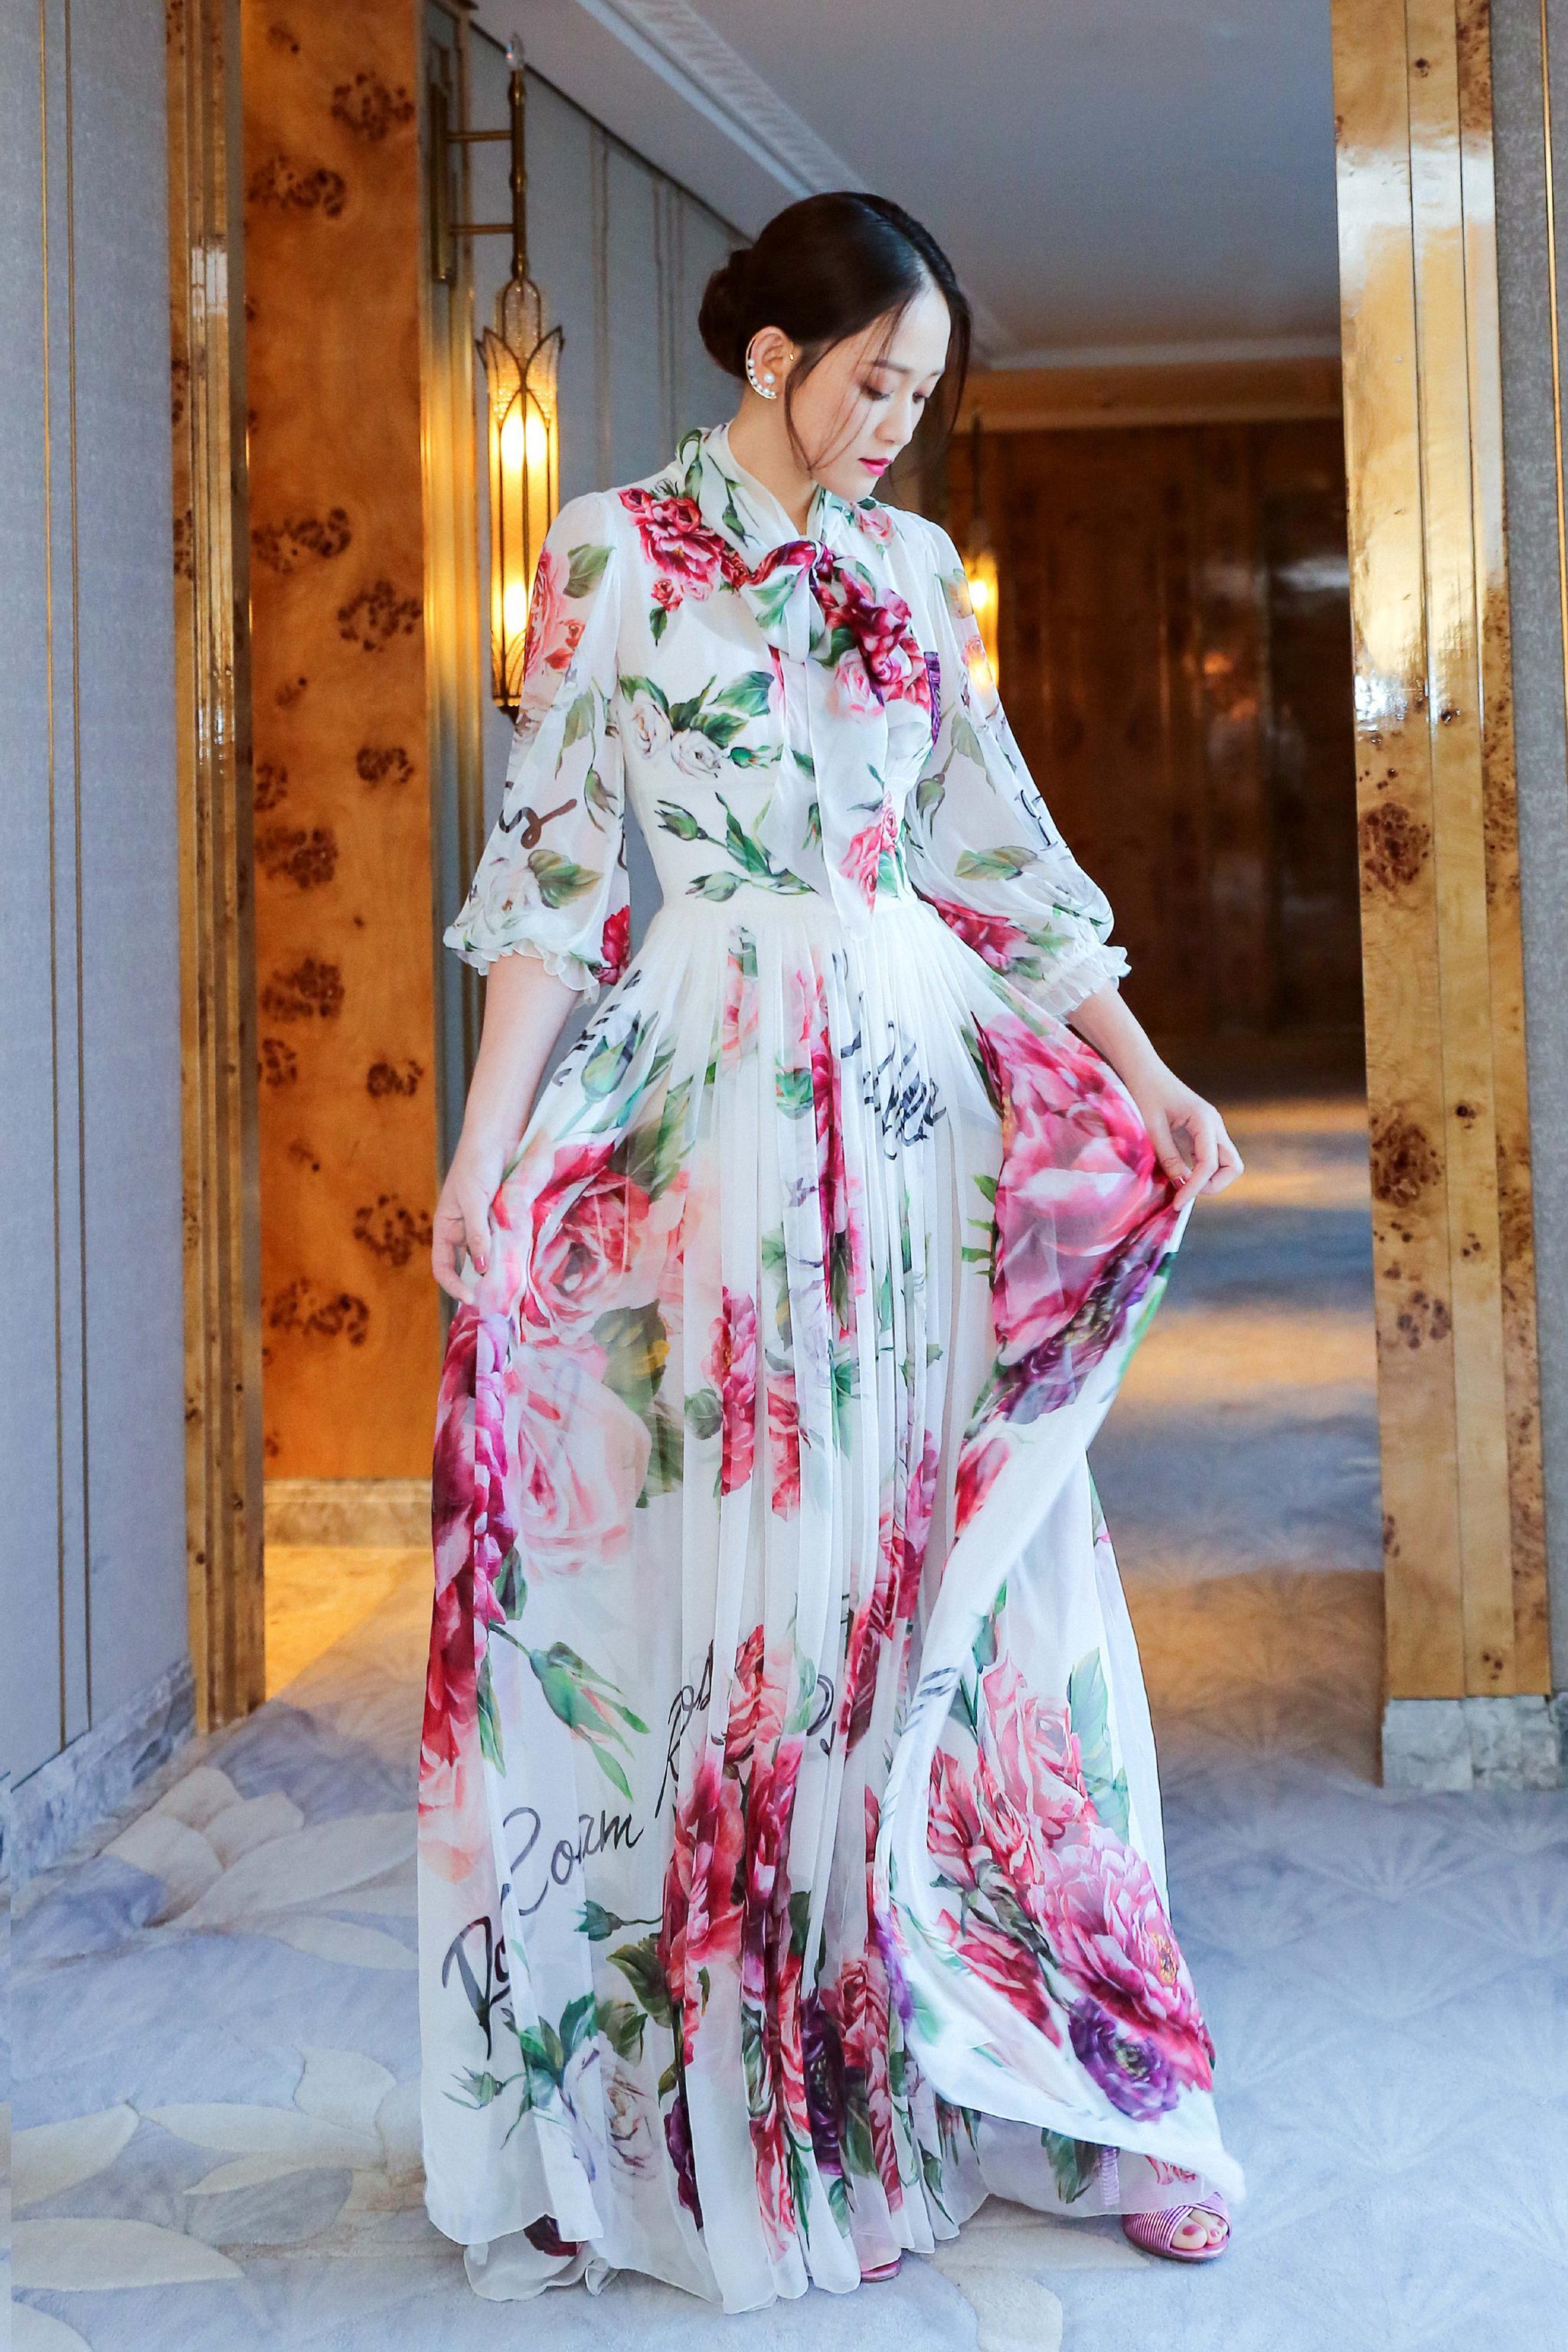 陈乔恩身着一袭印花束腰纱裙,眼神温柔优雅迷人,白色珍珠耳环吸睛